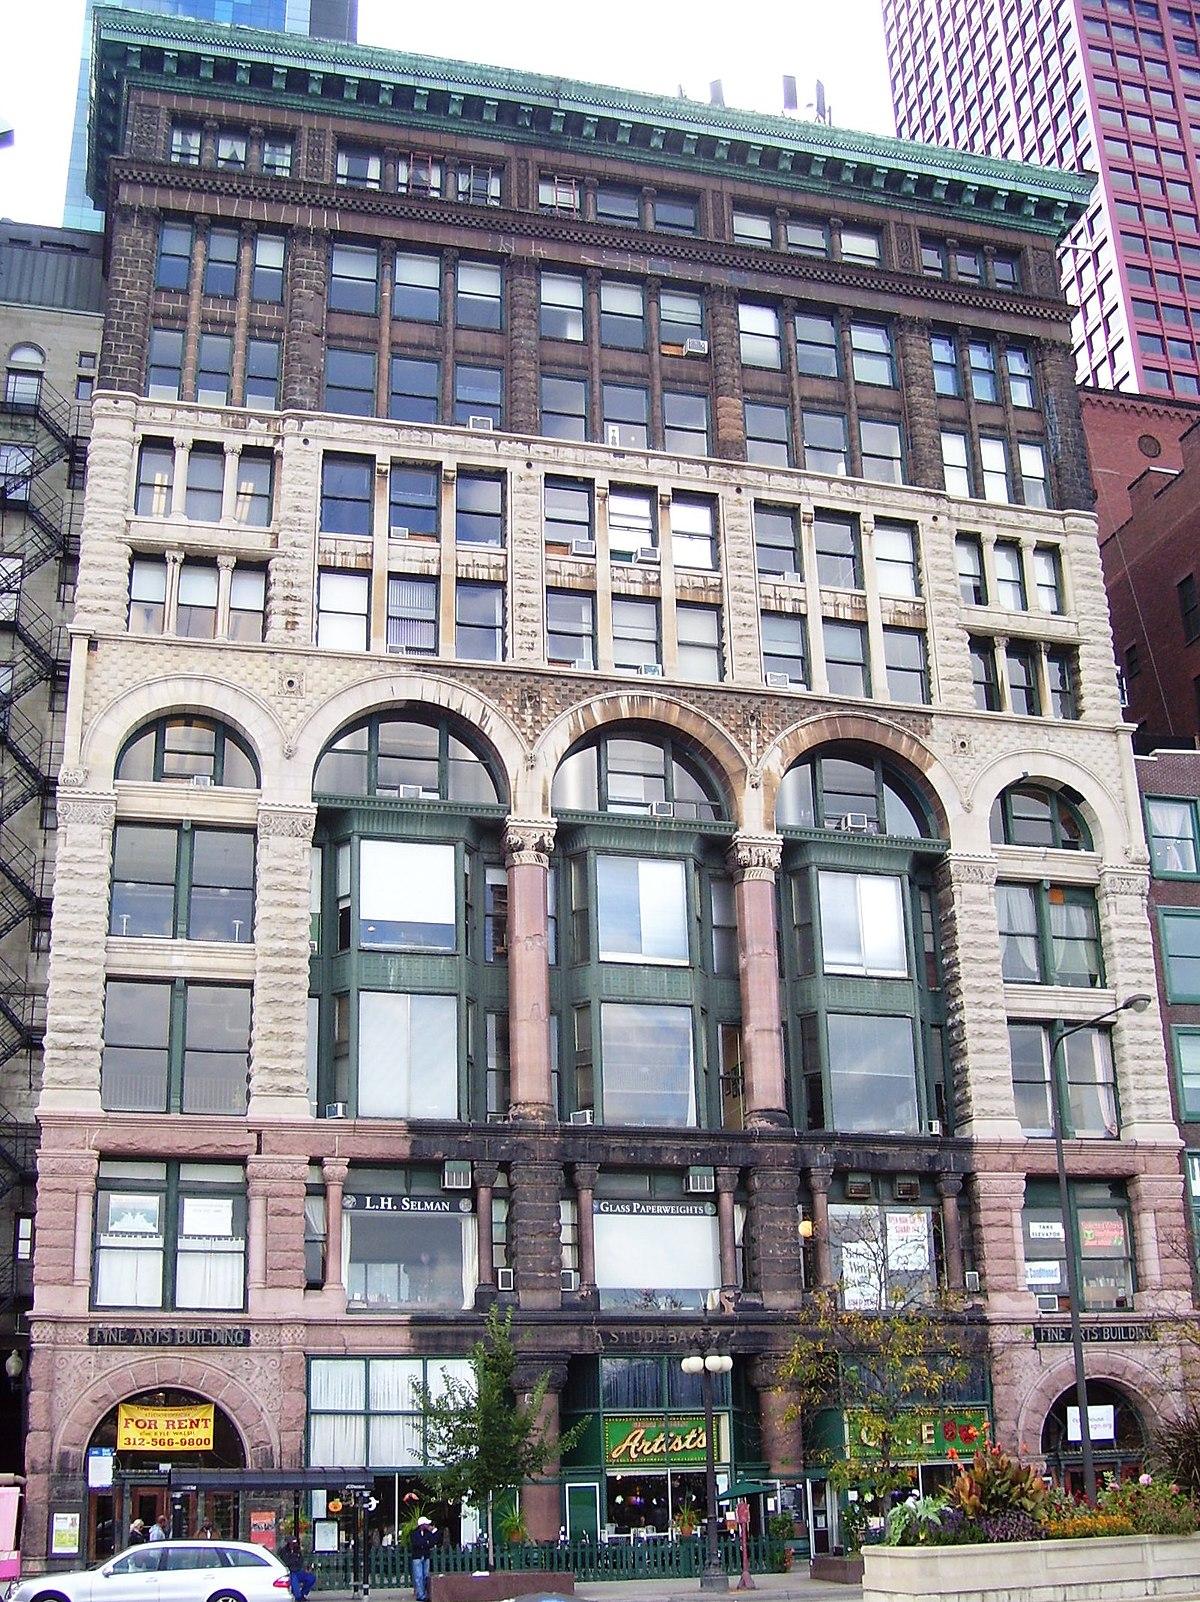 Fine Arts Building (Chicago) - Wikipedia